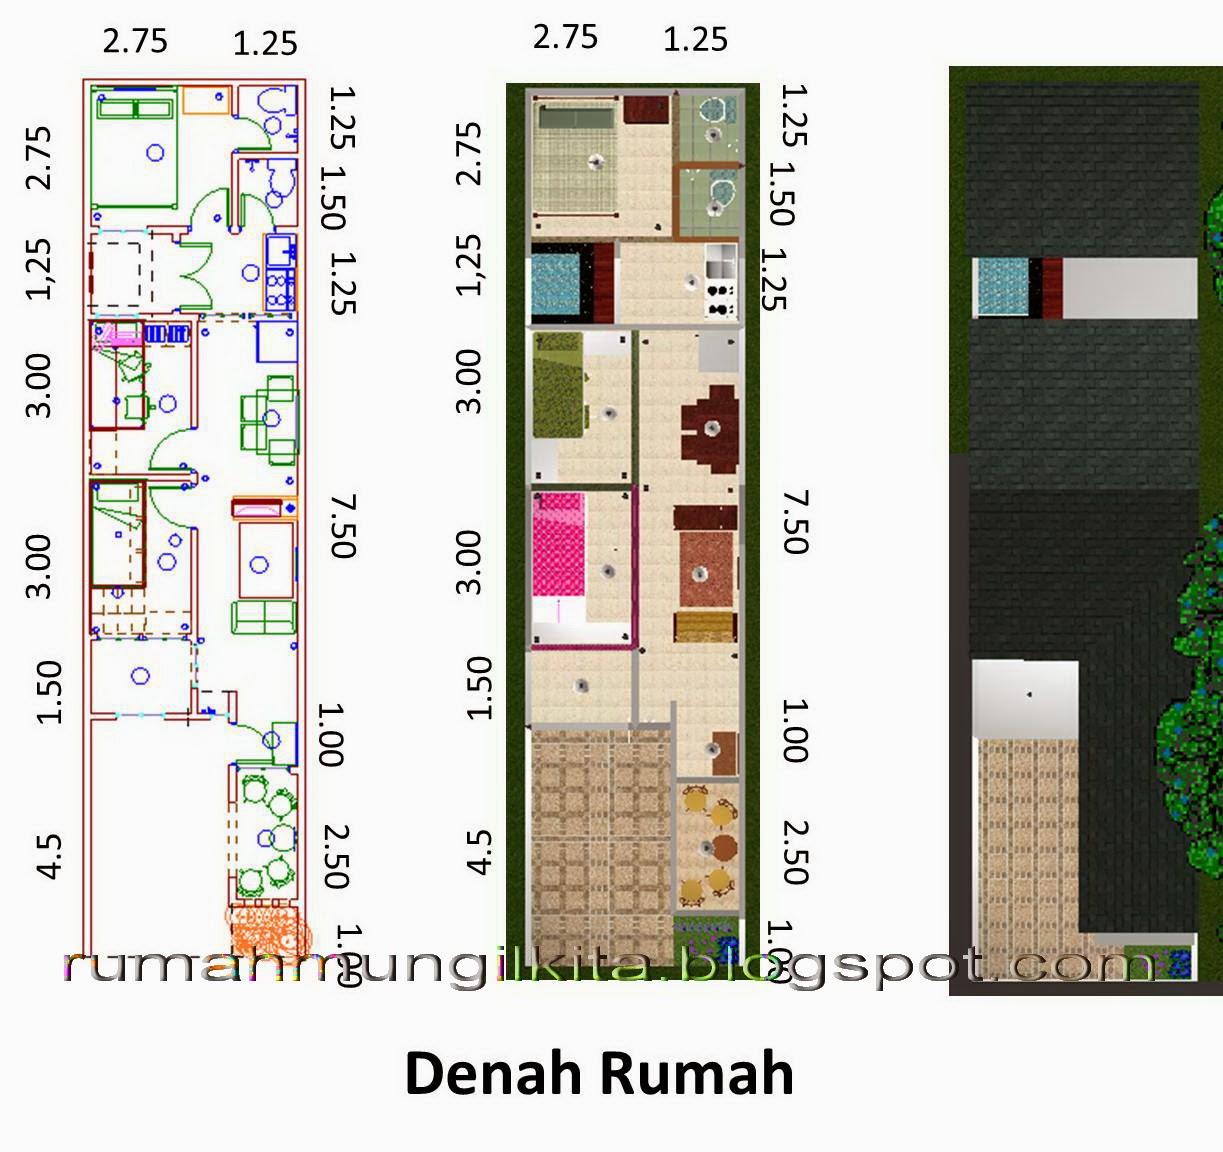 Desain rumah lebar 4 meter dengan 3 kamar tidur - denah